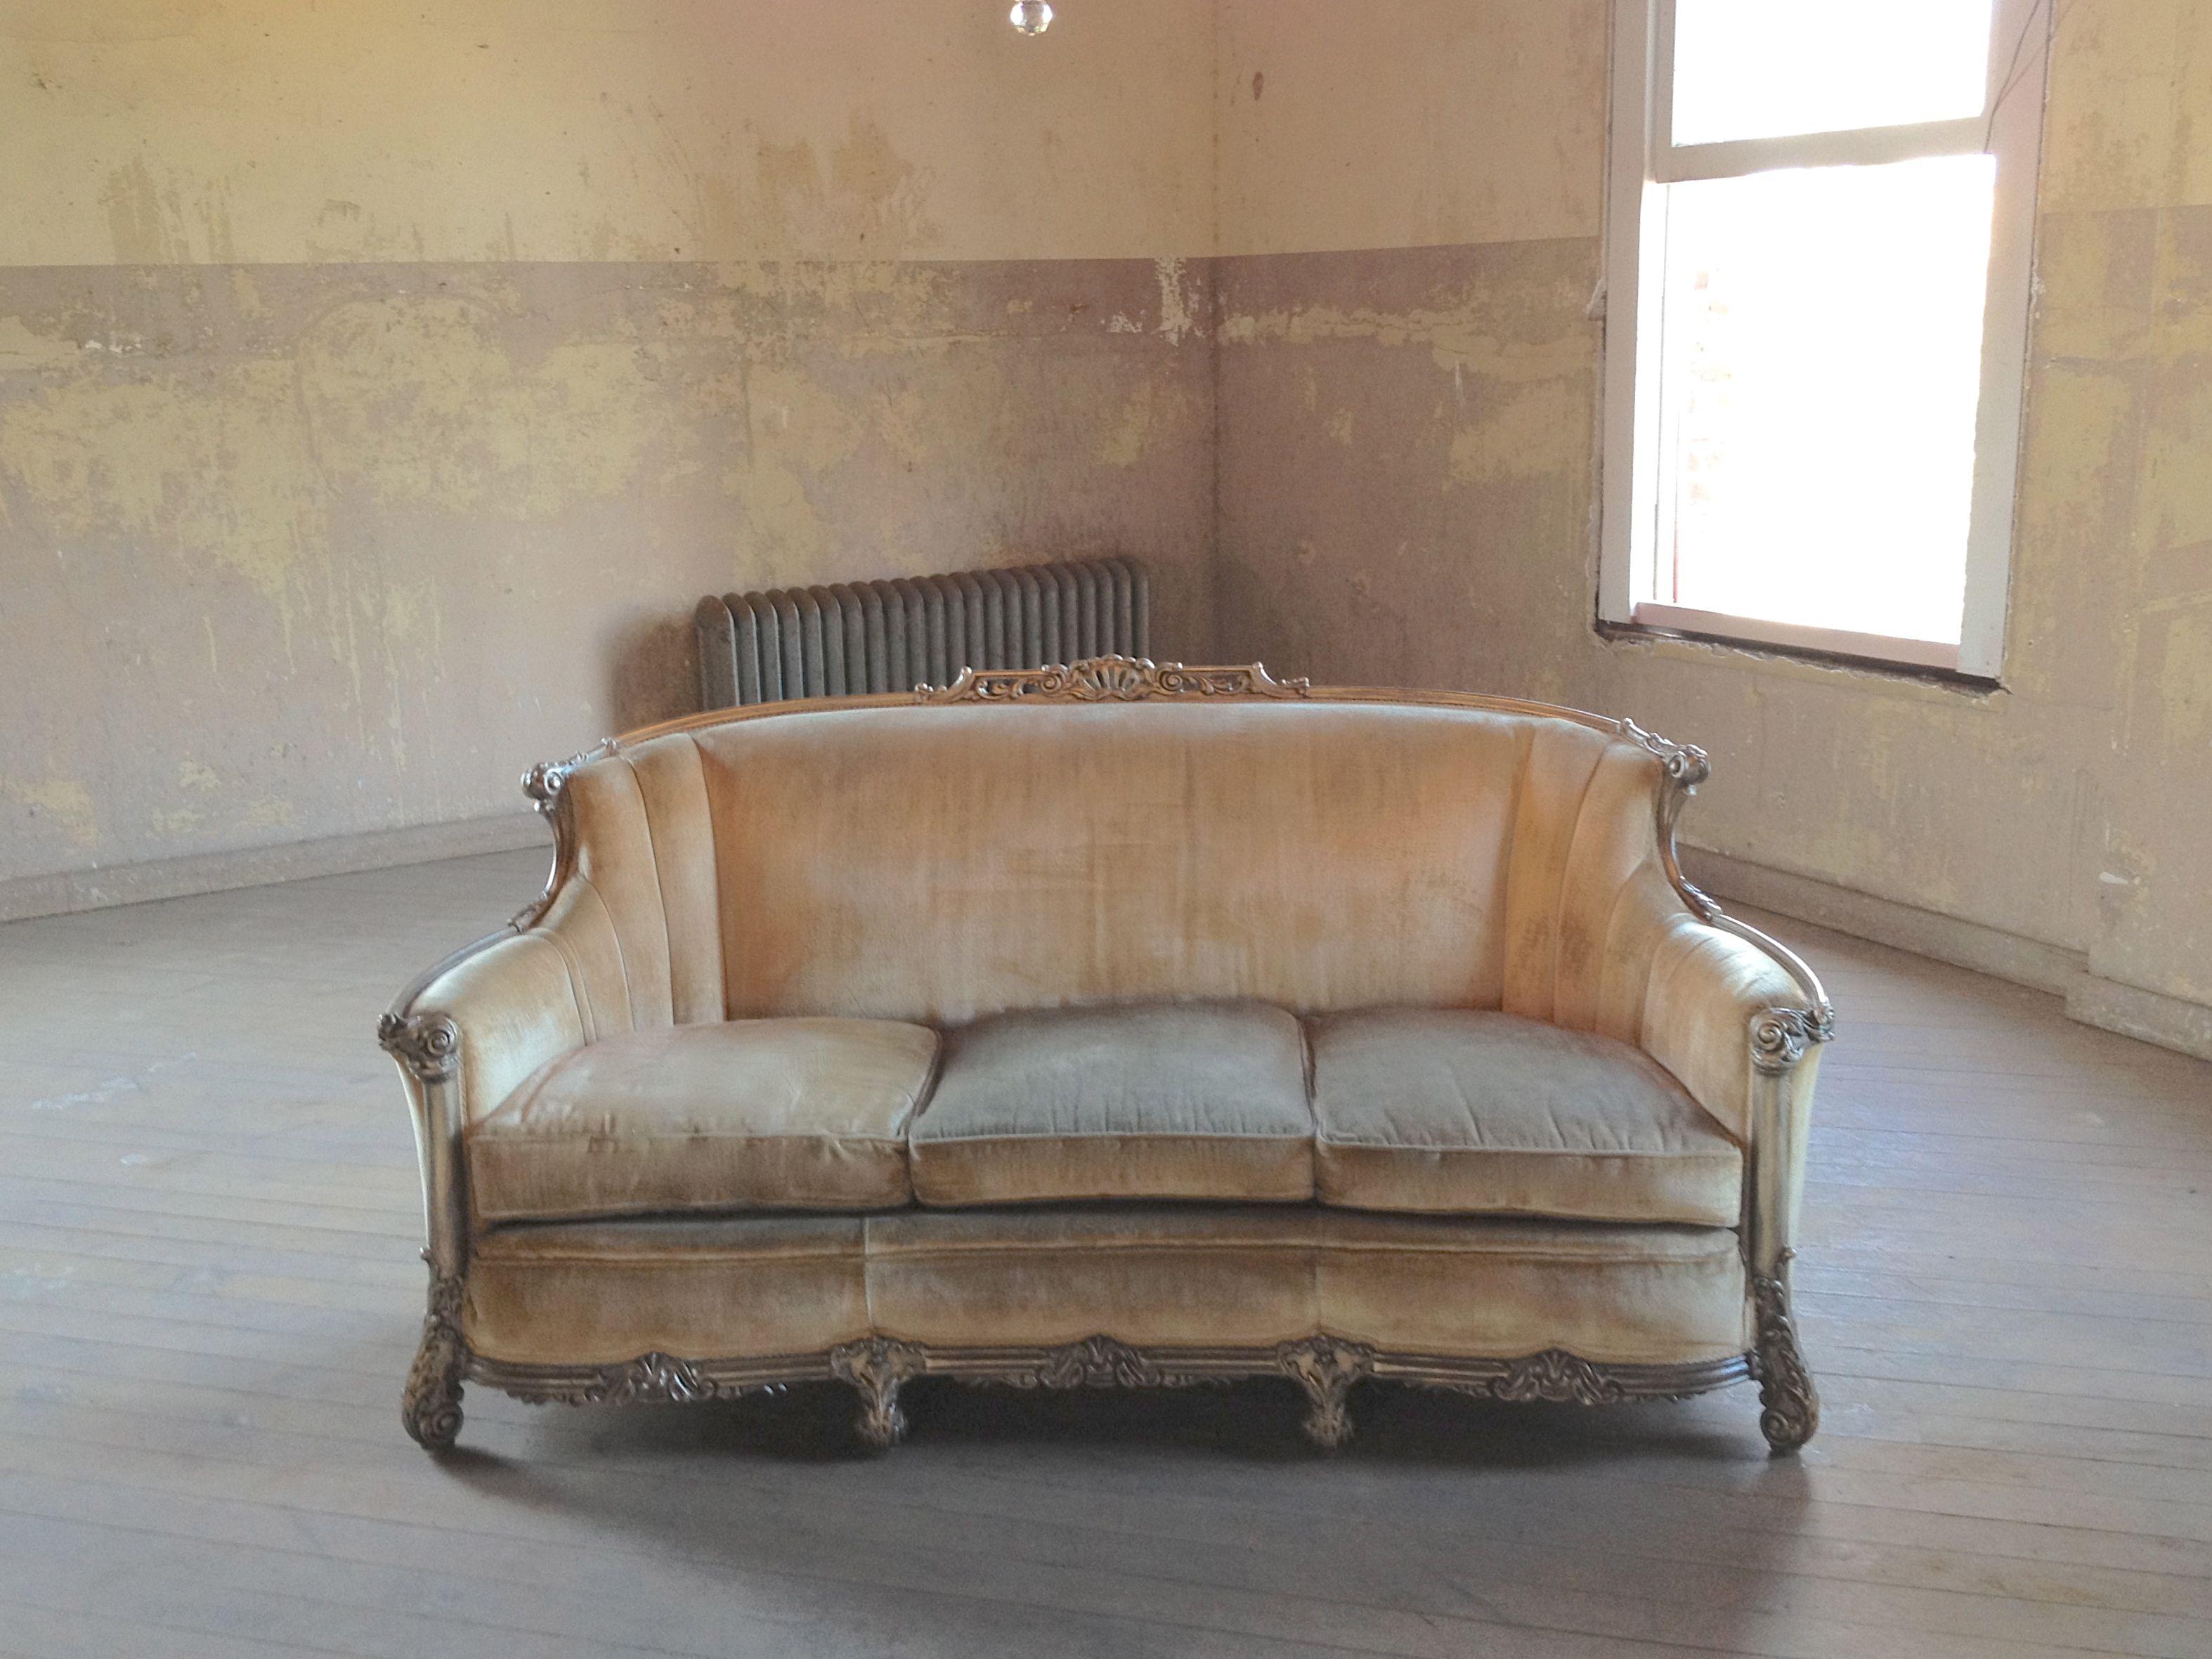 Vintage Retro Sofa Places To Visit Pinterest Armchairs